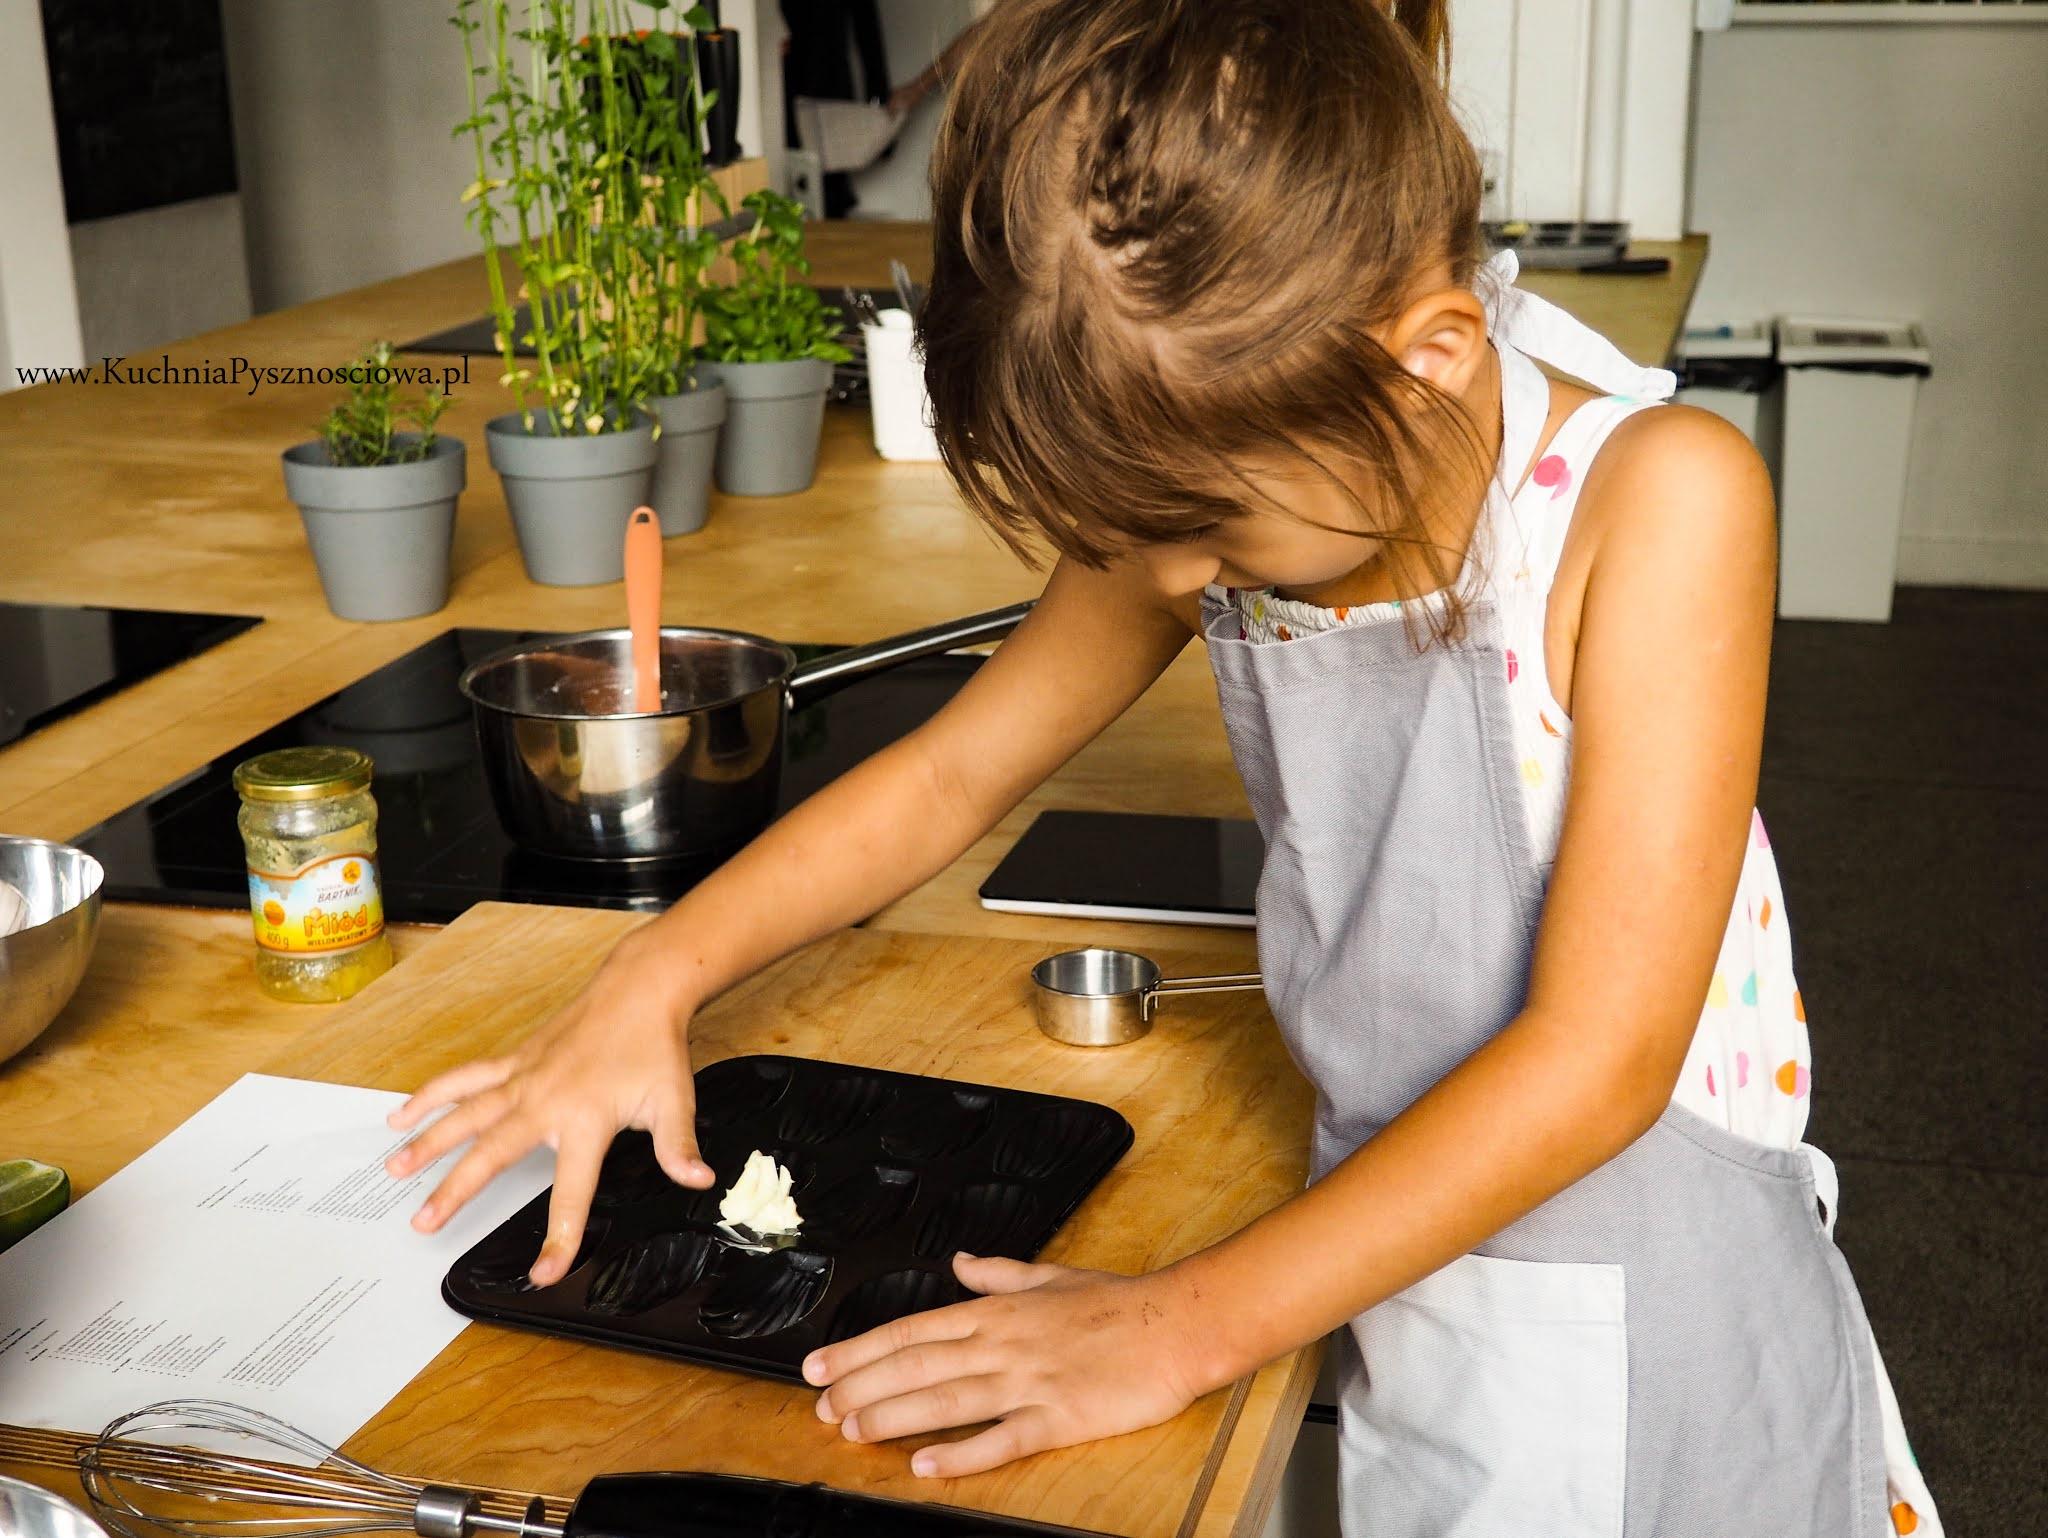 Warsztaty kulinarne dla dzieci- Studio Kulinarne Małe Przyjemności